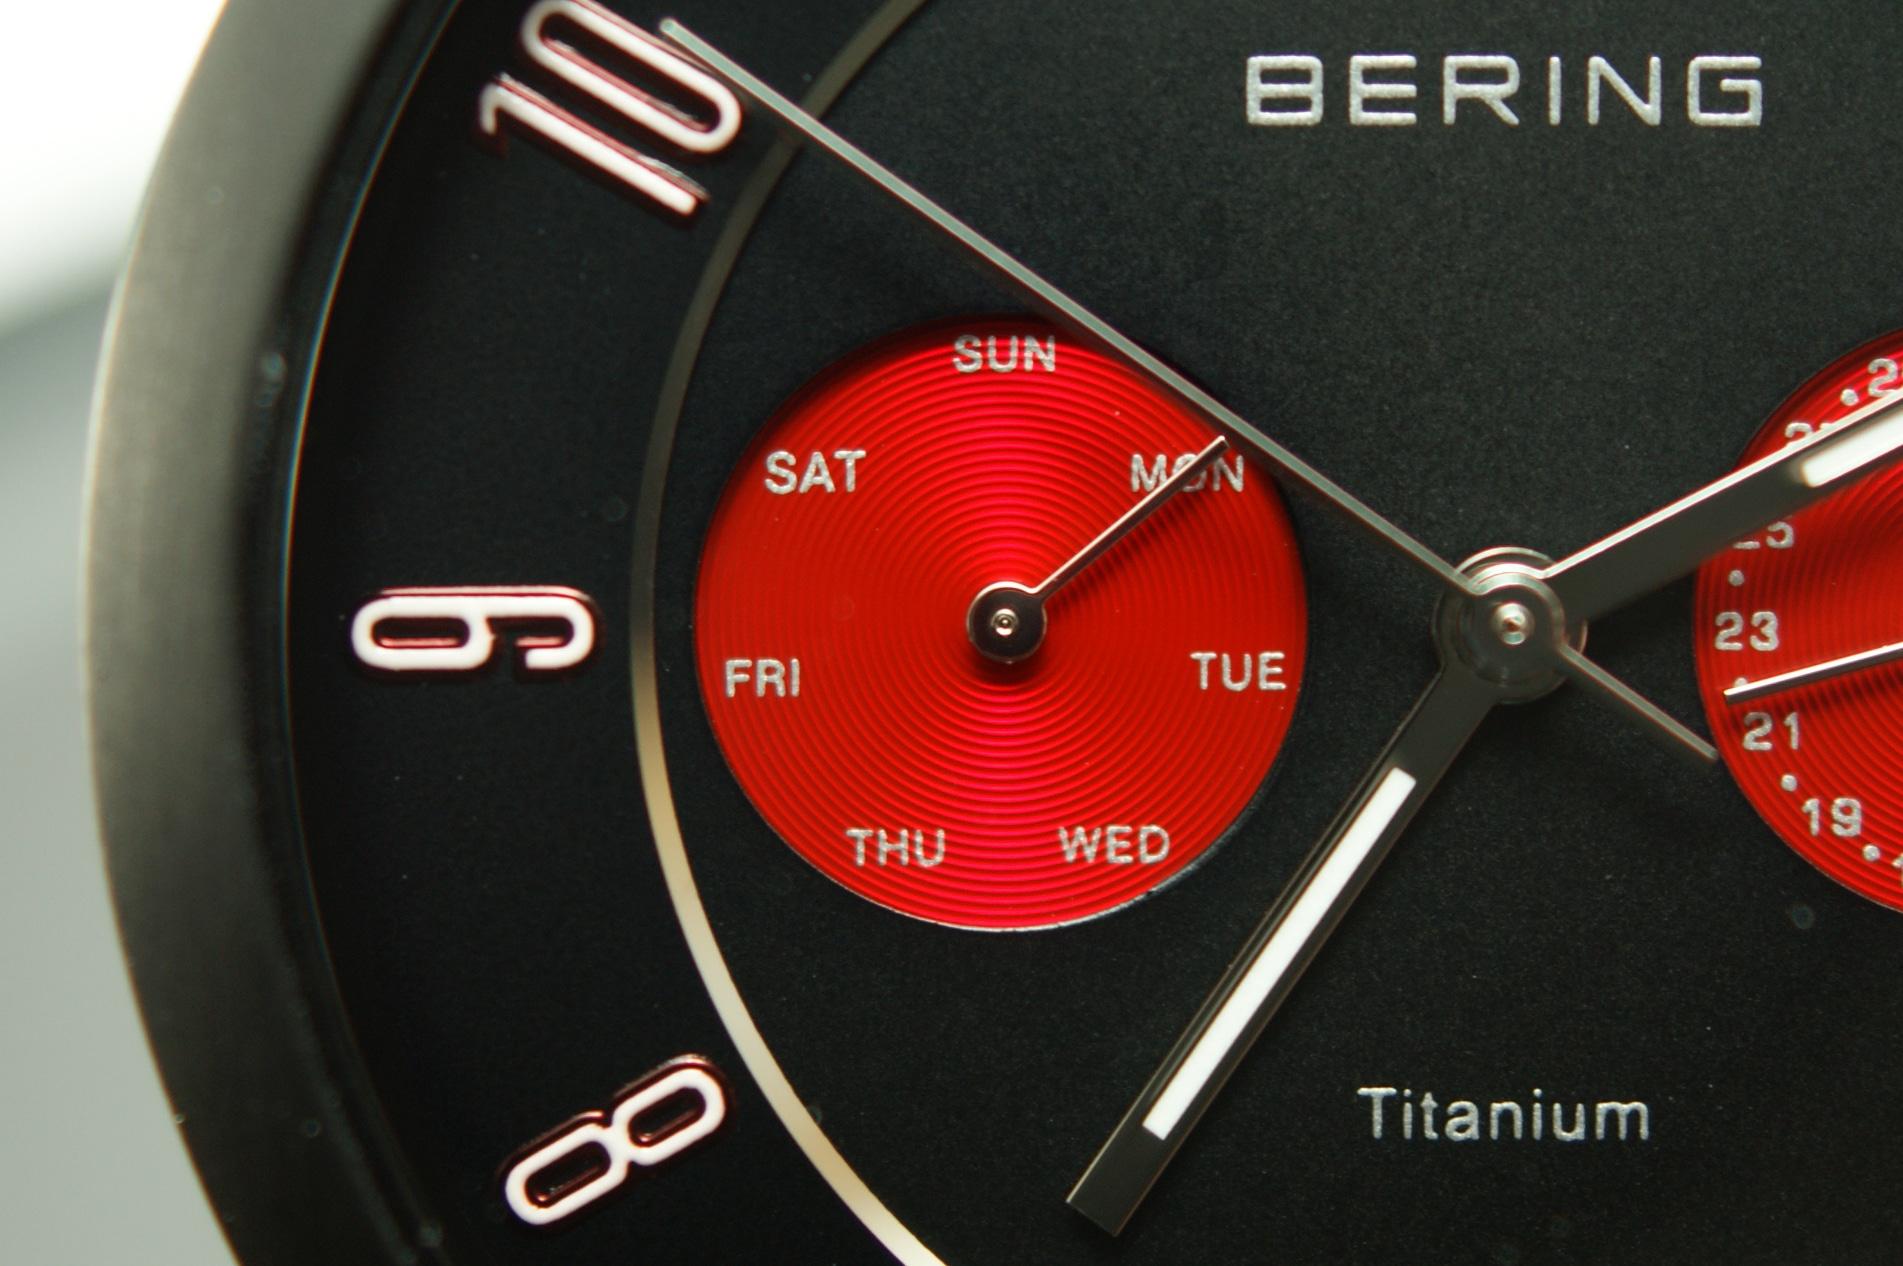 Das linke Funktionsauge bei der 9-Uhr-Position zeigt den aktuellen Wochentag.